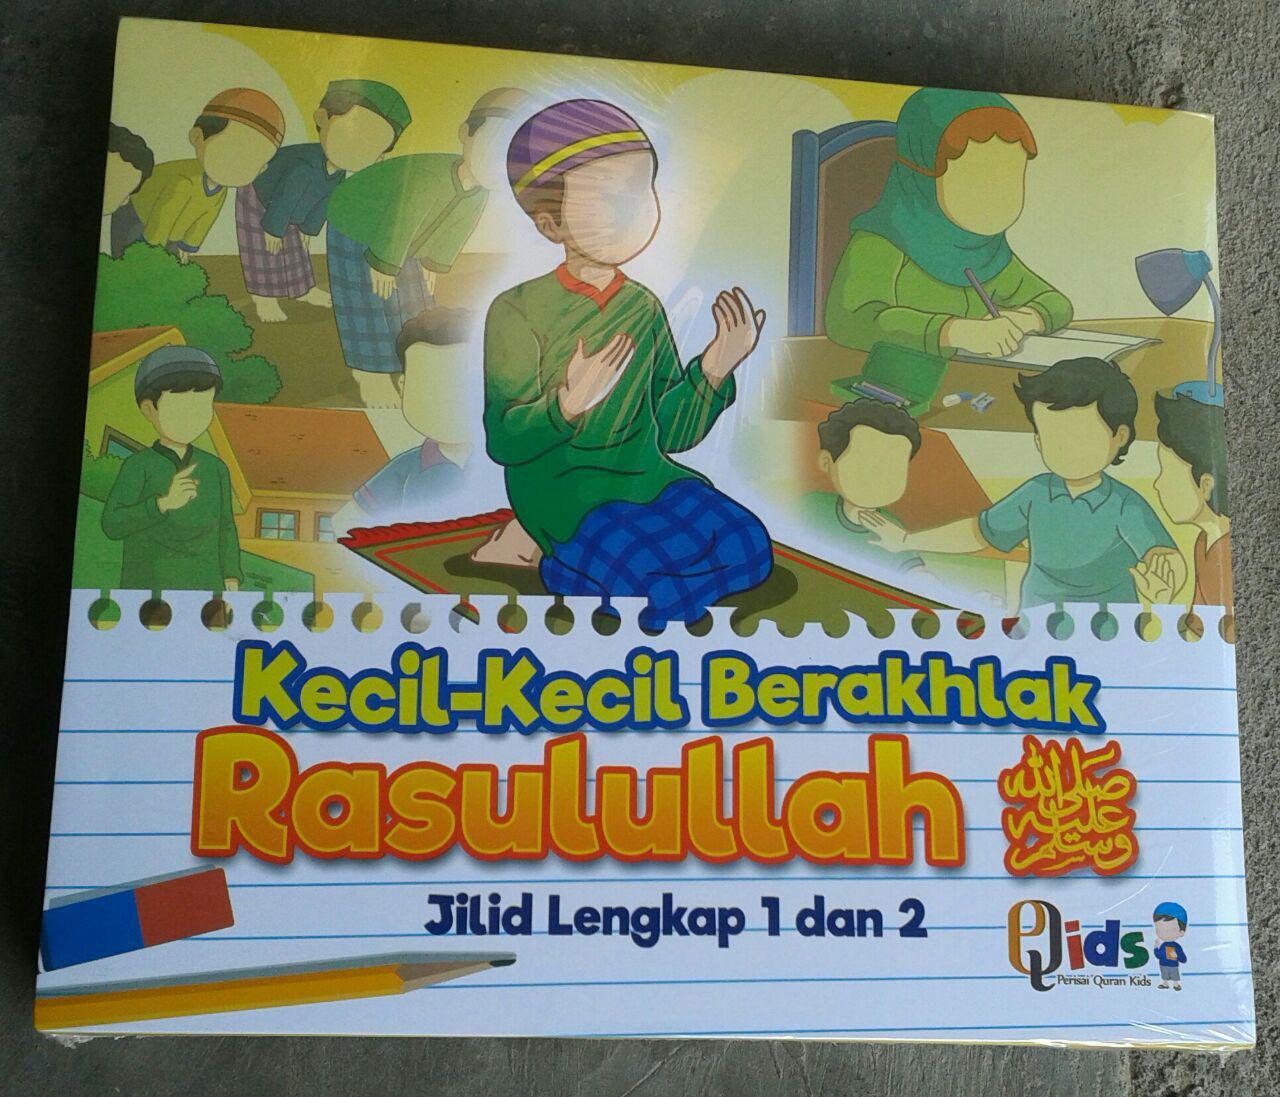 Buku Anak Kecil-Kecil Berakhlak Rasulullah cover 2